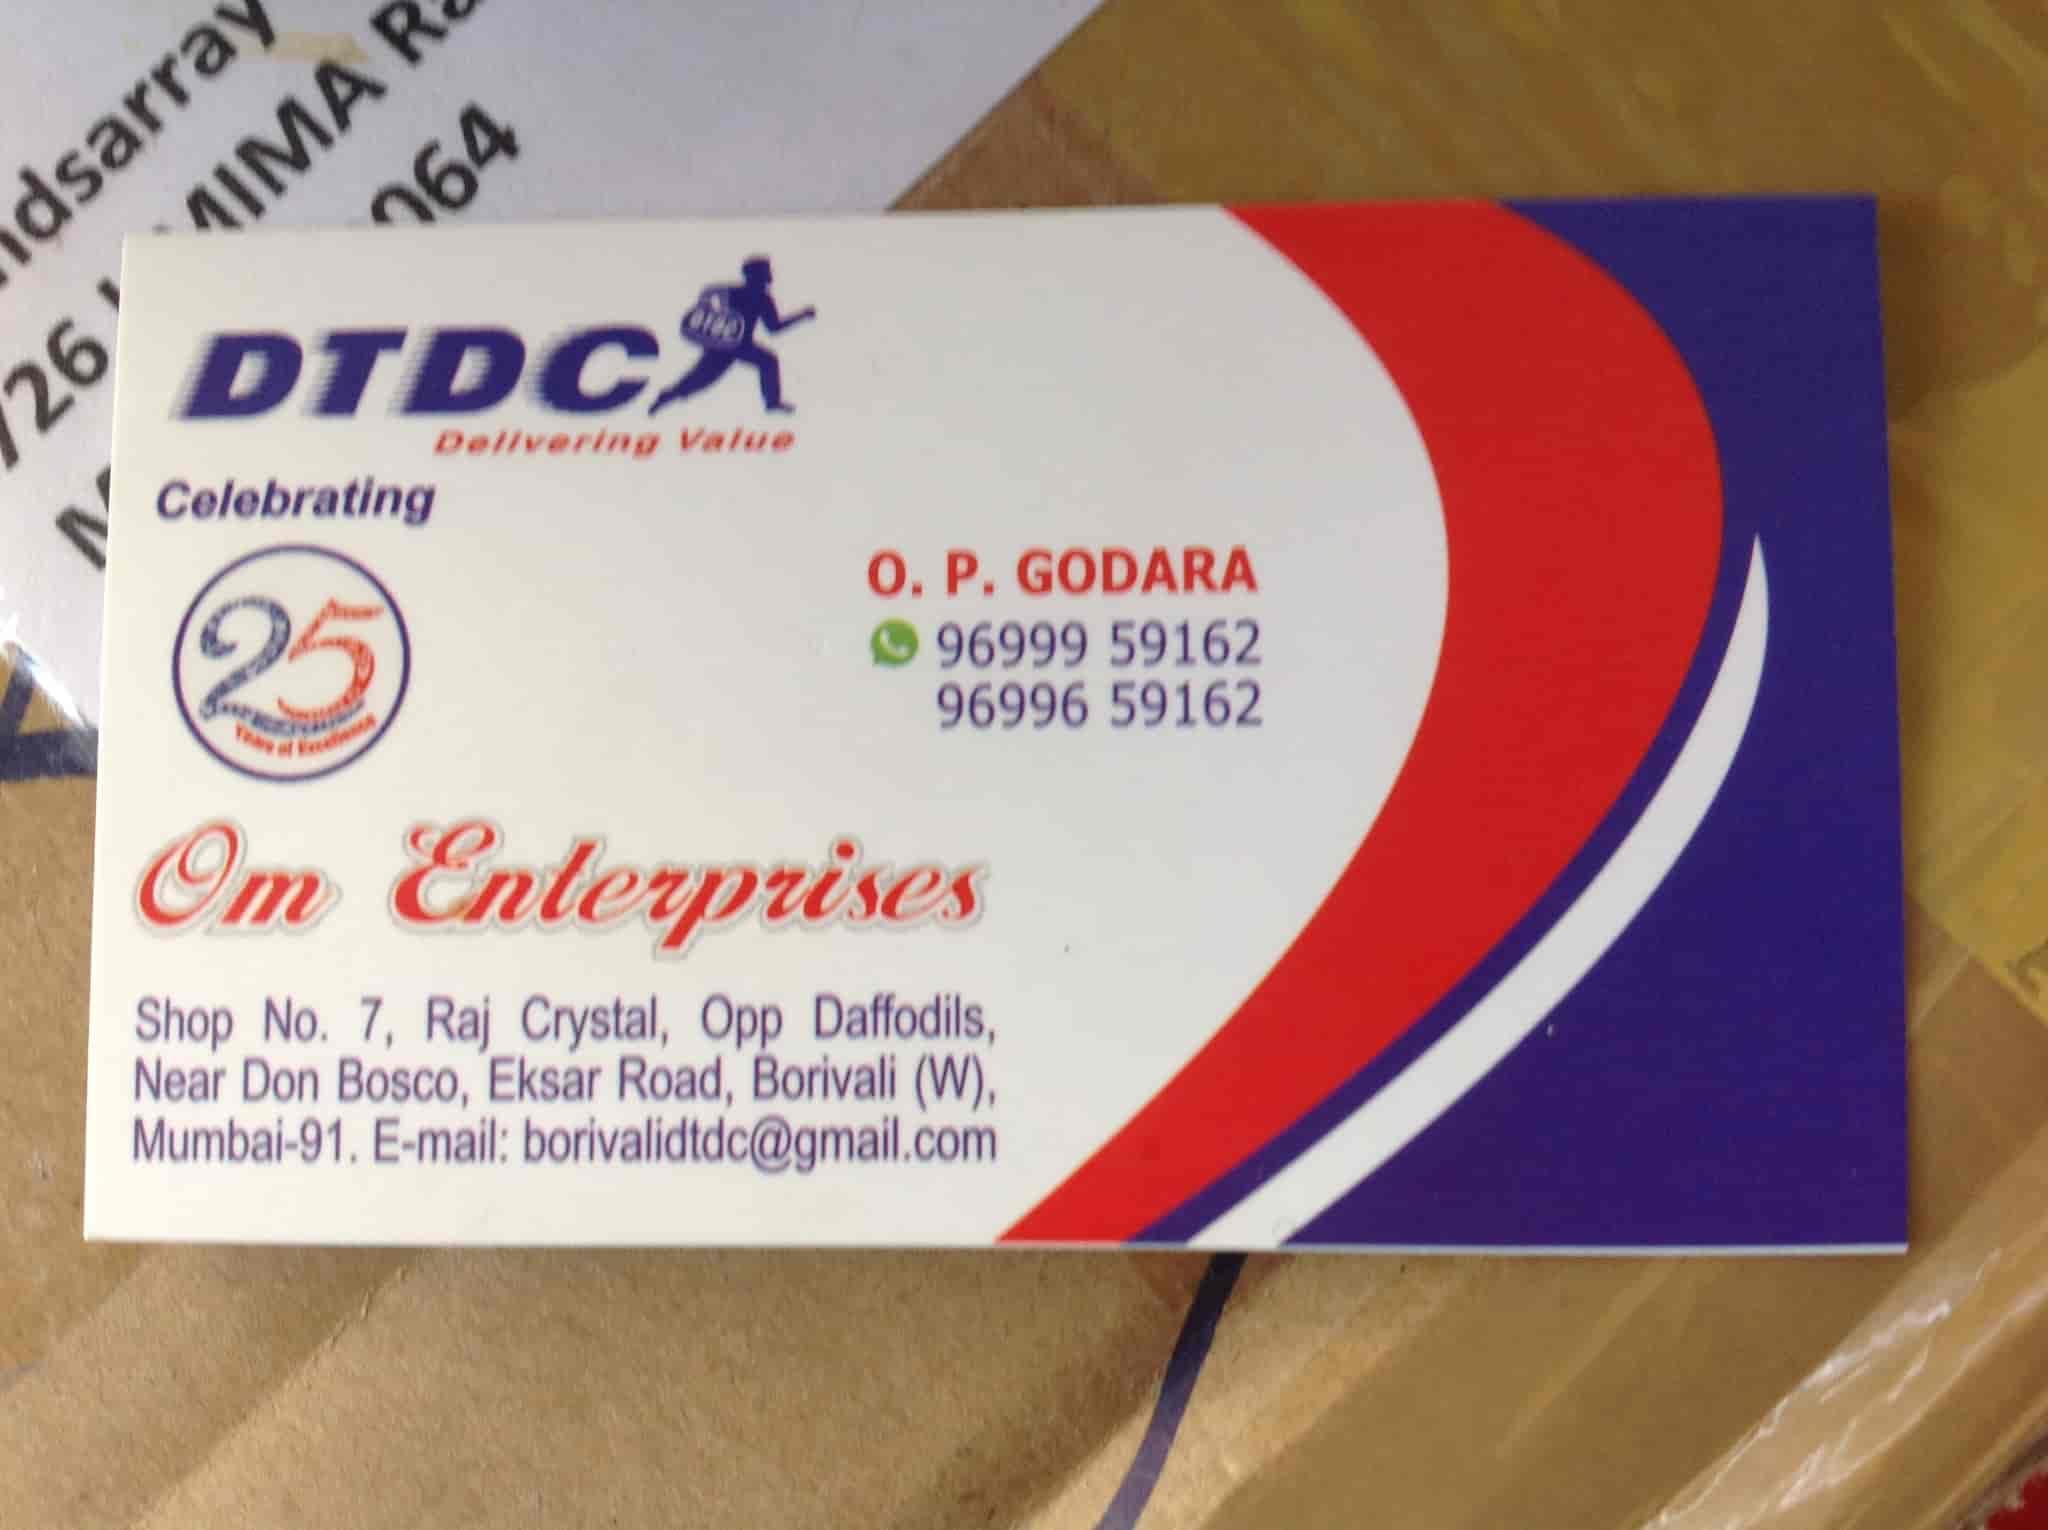 DTDC Courier Services Om Enterprises Photos, Borivali West